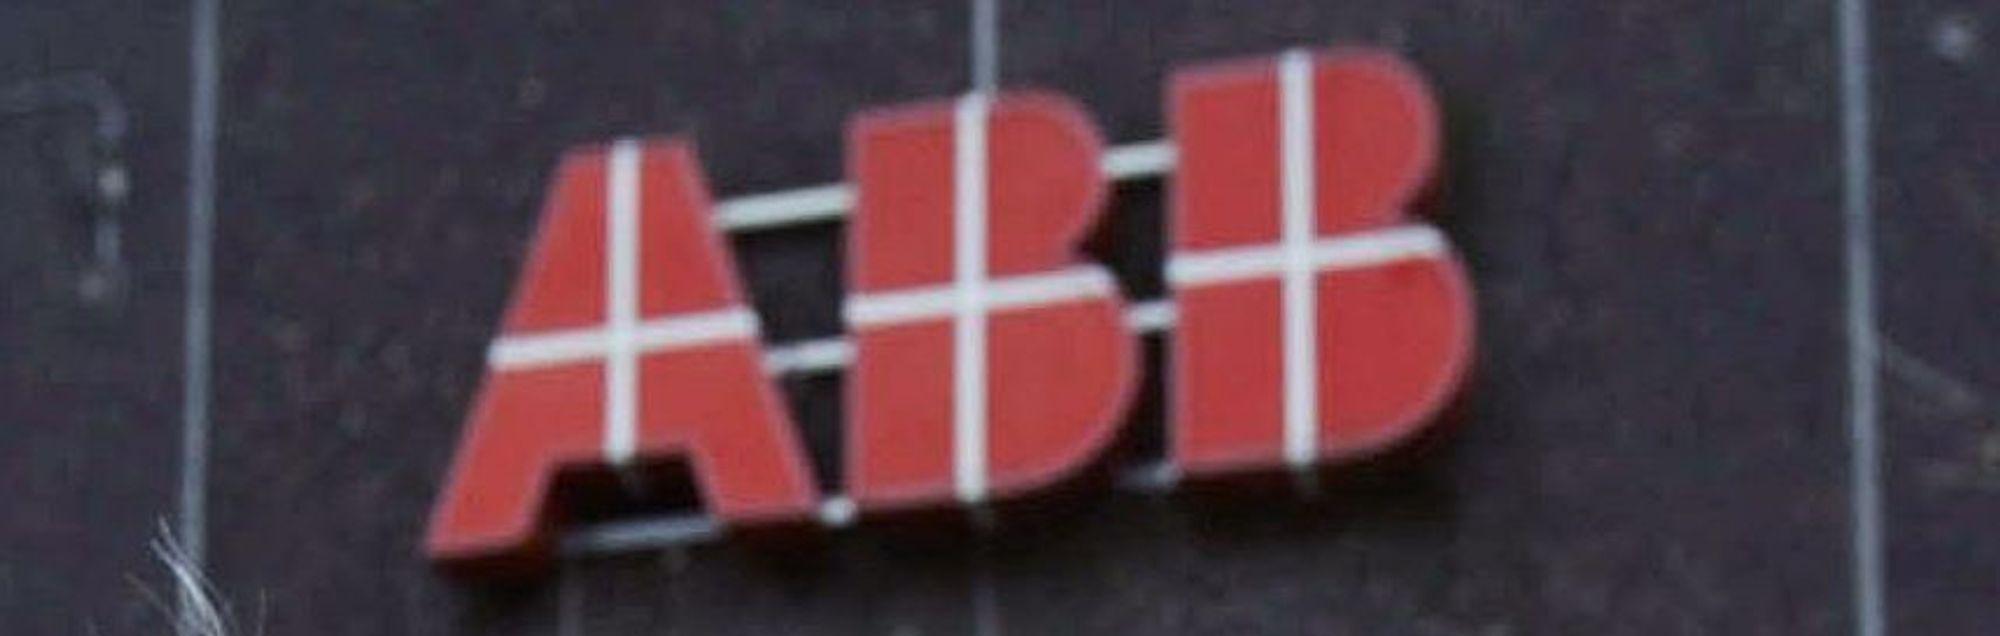 Redder ABB-arbeidsplasser